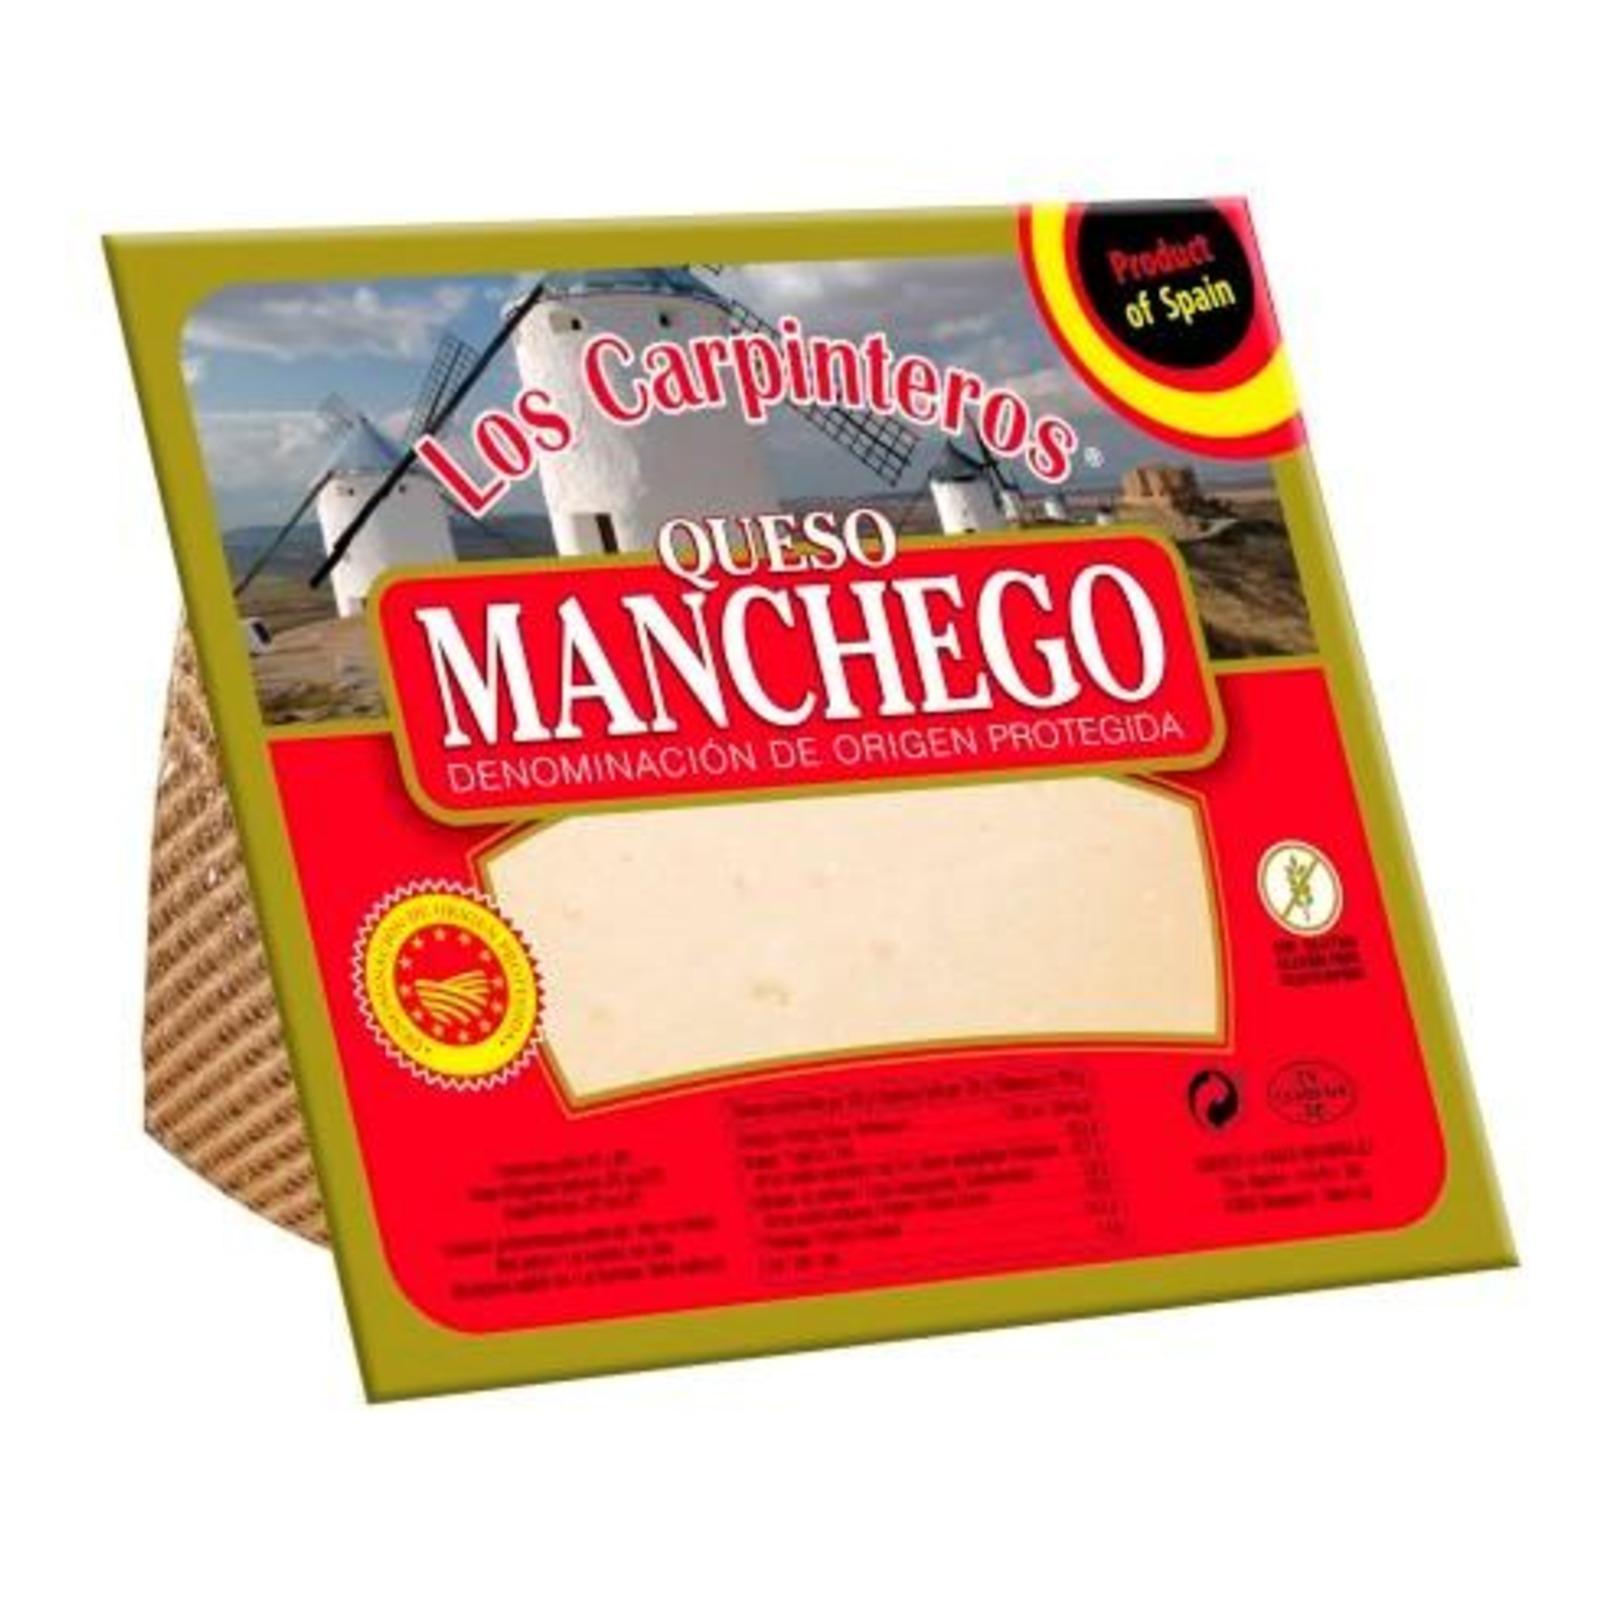 Albeniz Manchego Cheese 3 Months